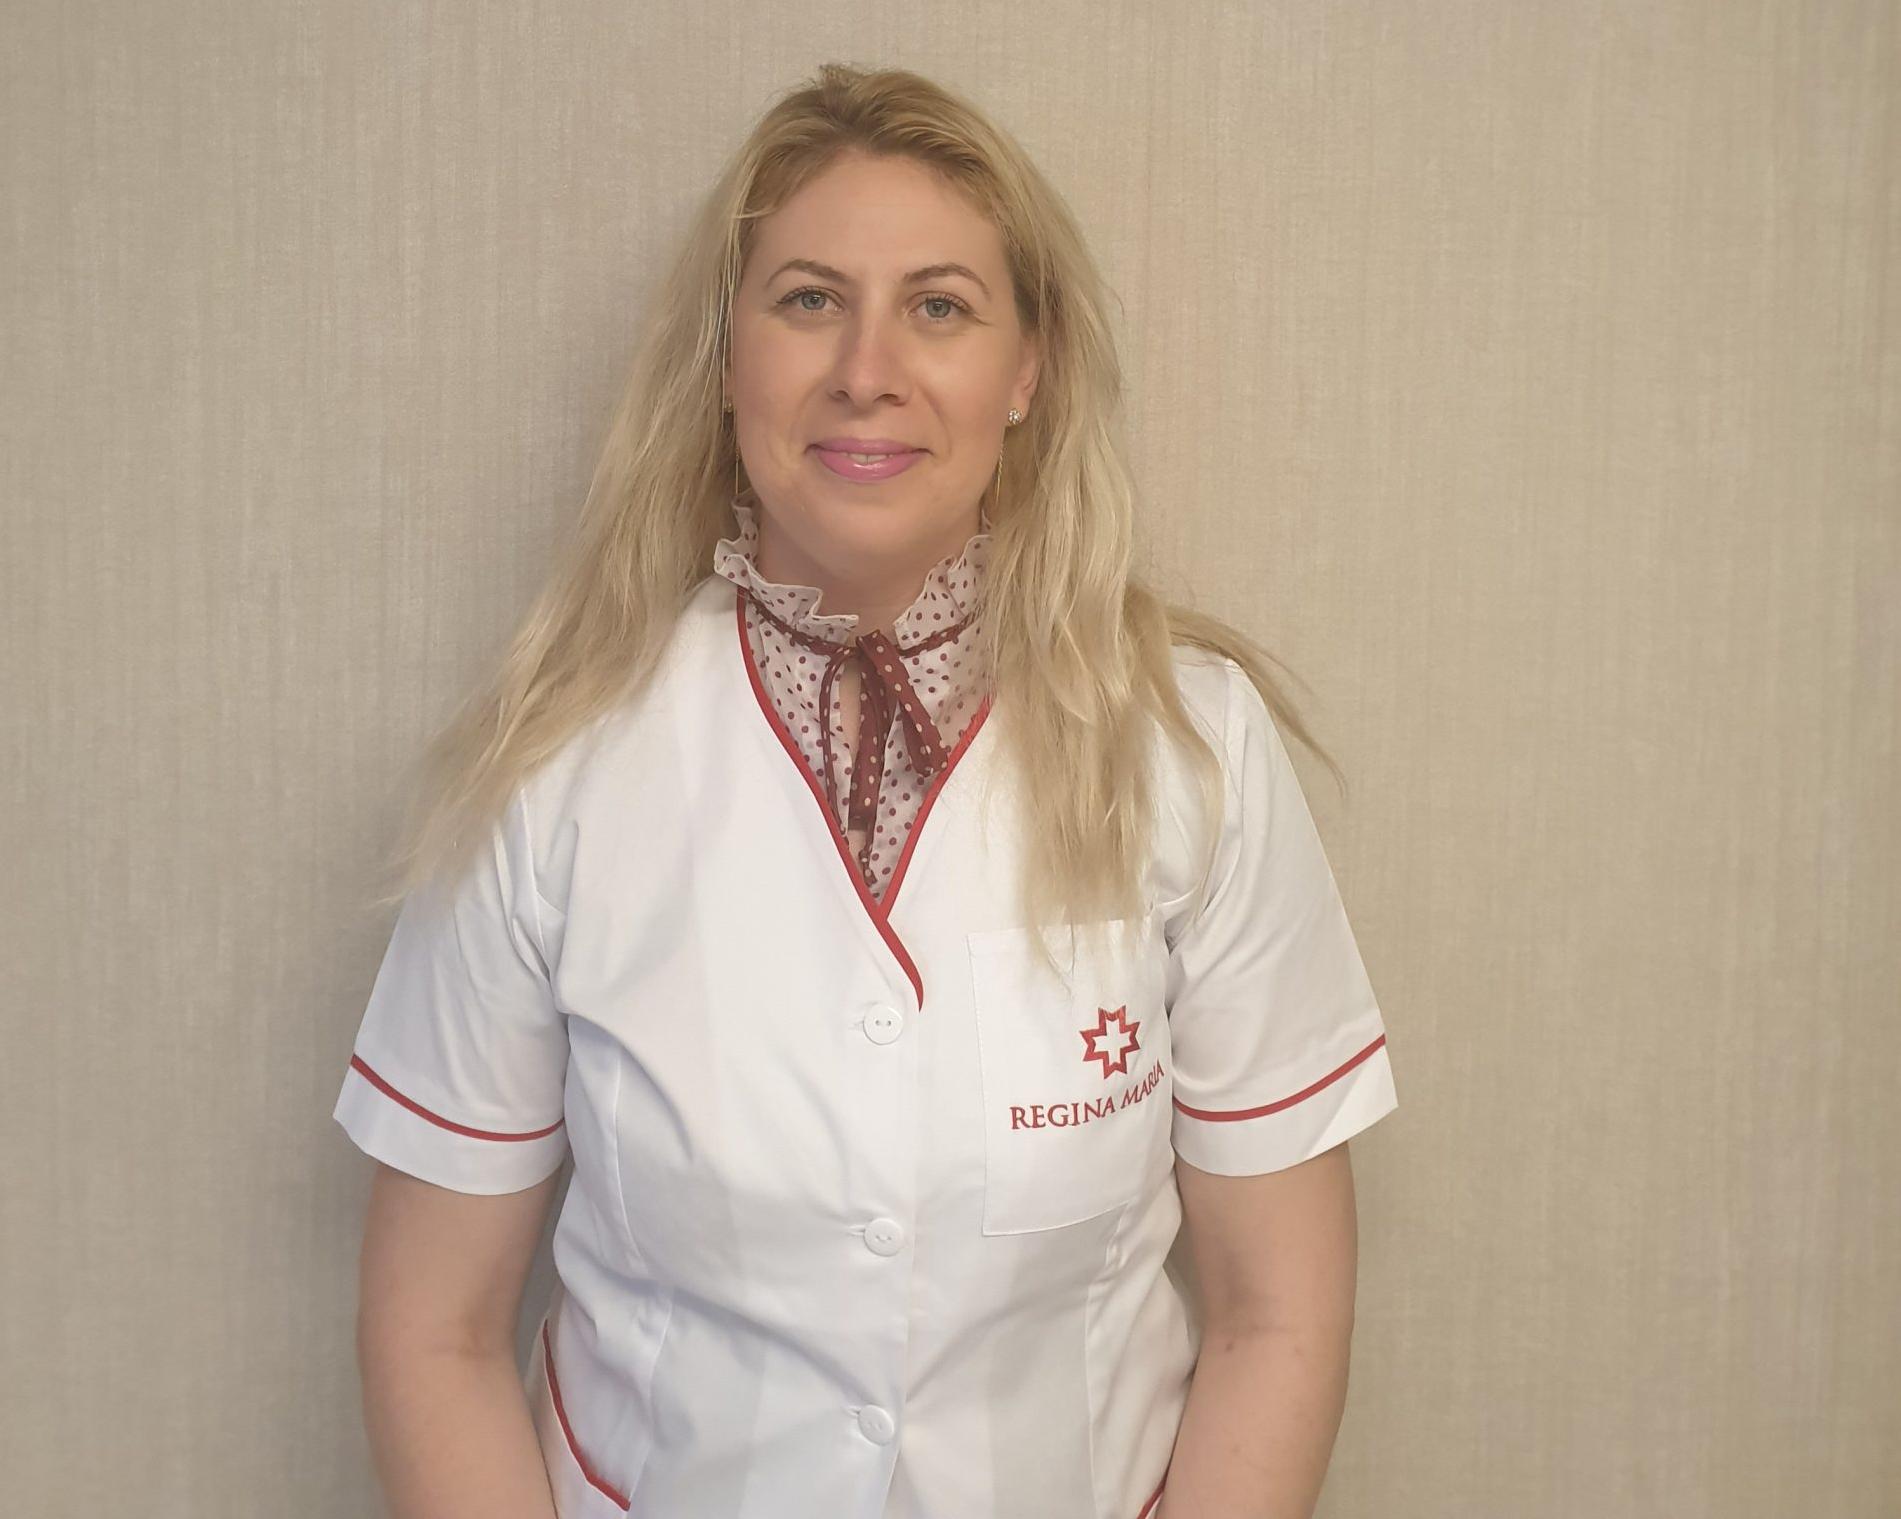 Medicul neurolog Miheala Munteanu atrage atenția că starea de amețeală e des întâlnită în cazul afecțiunilor neurologice